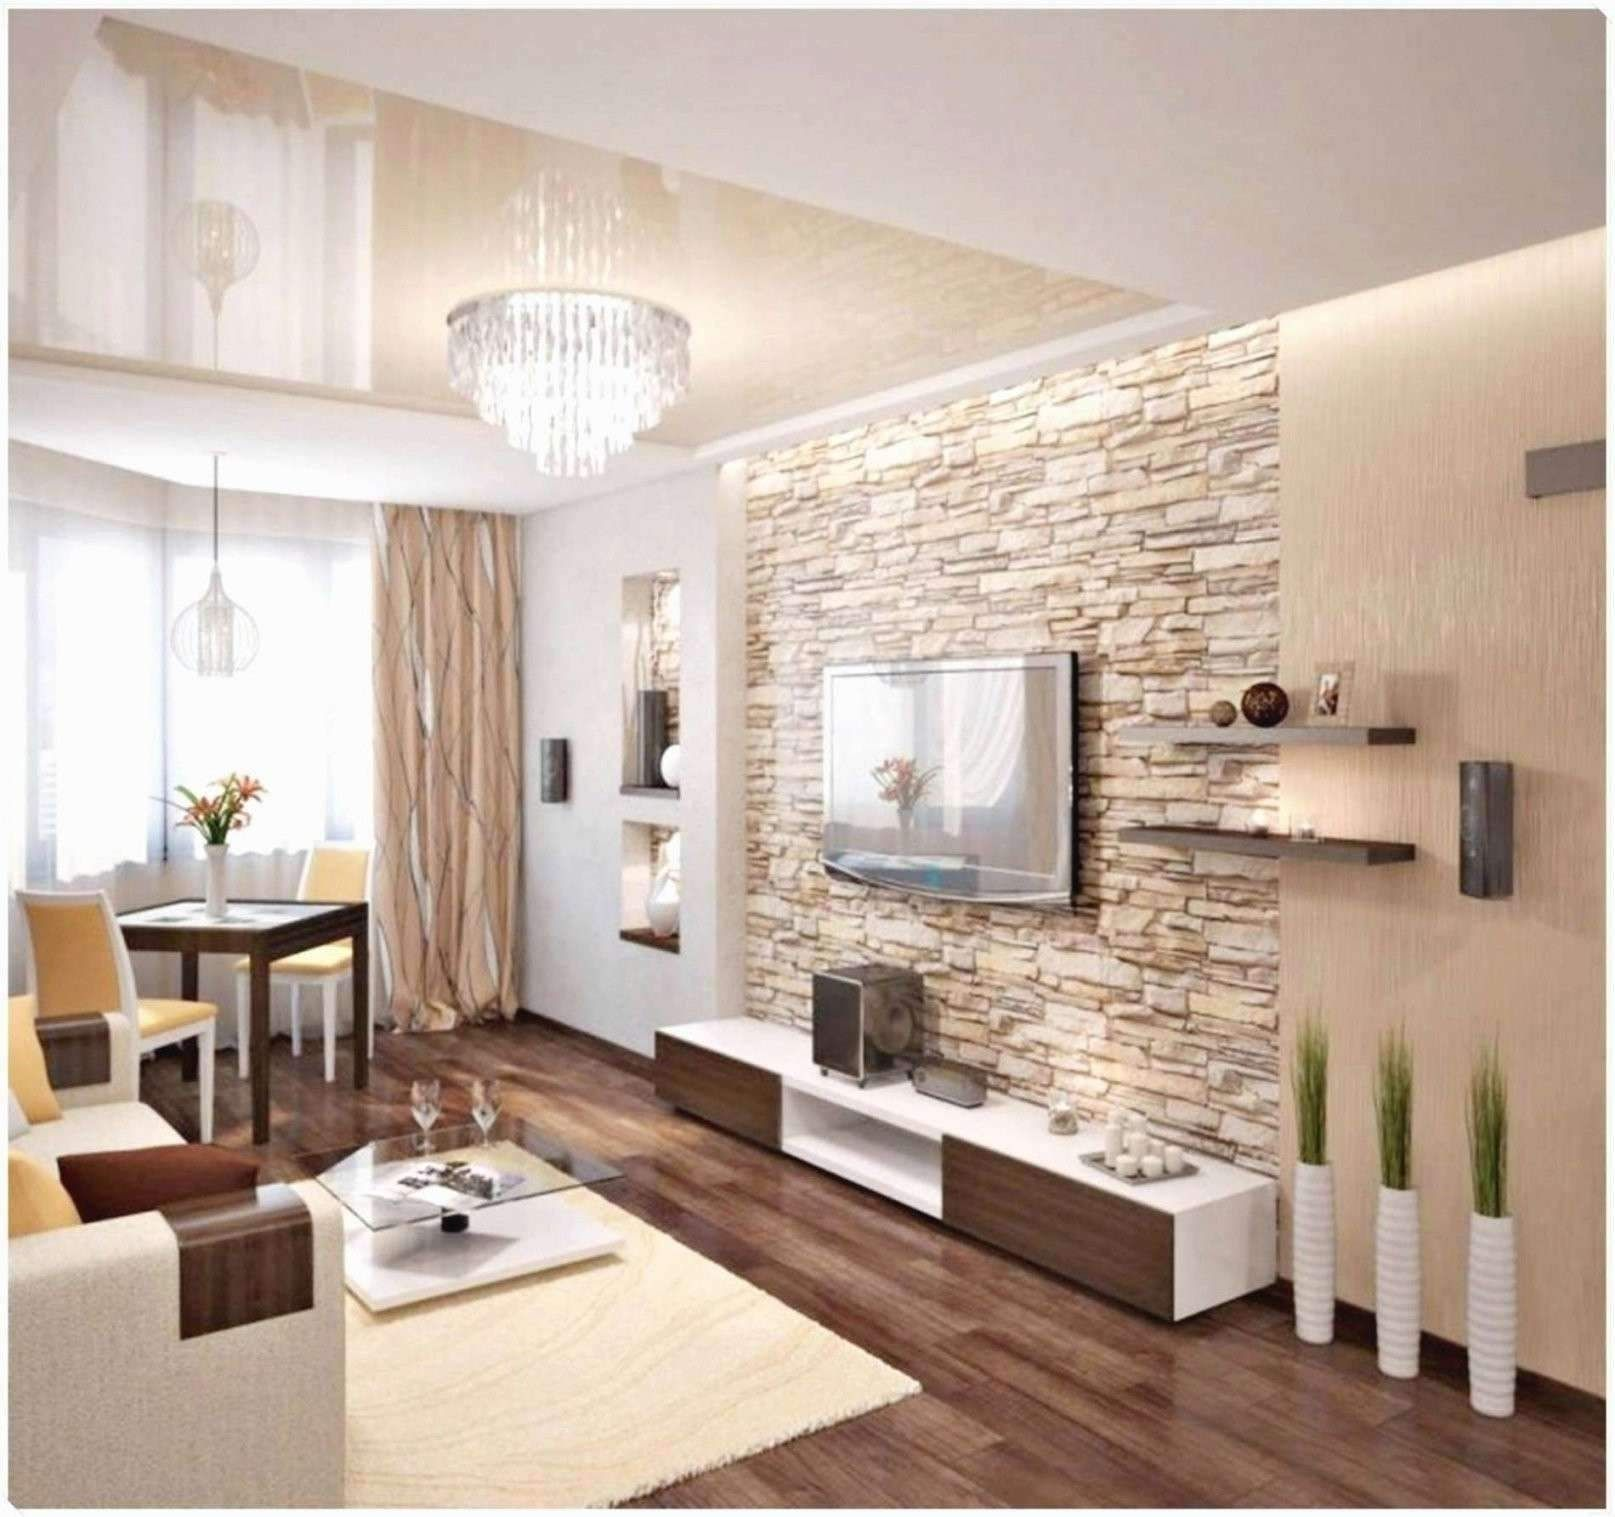 einrichtung wohnzimmer ideen in 2020 | living room decor